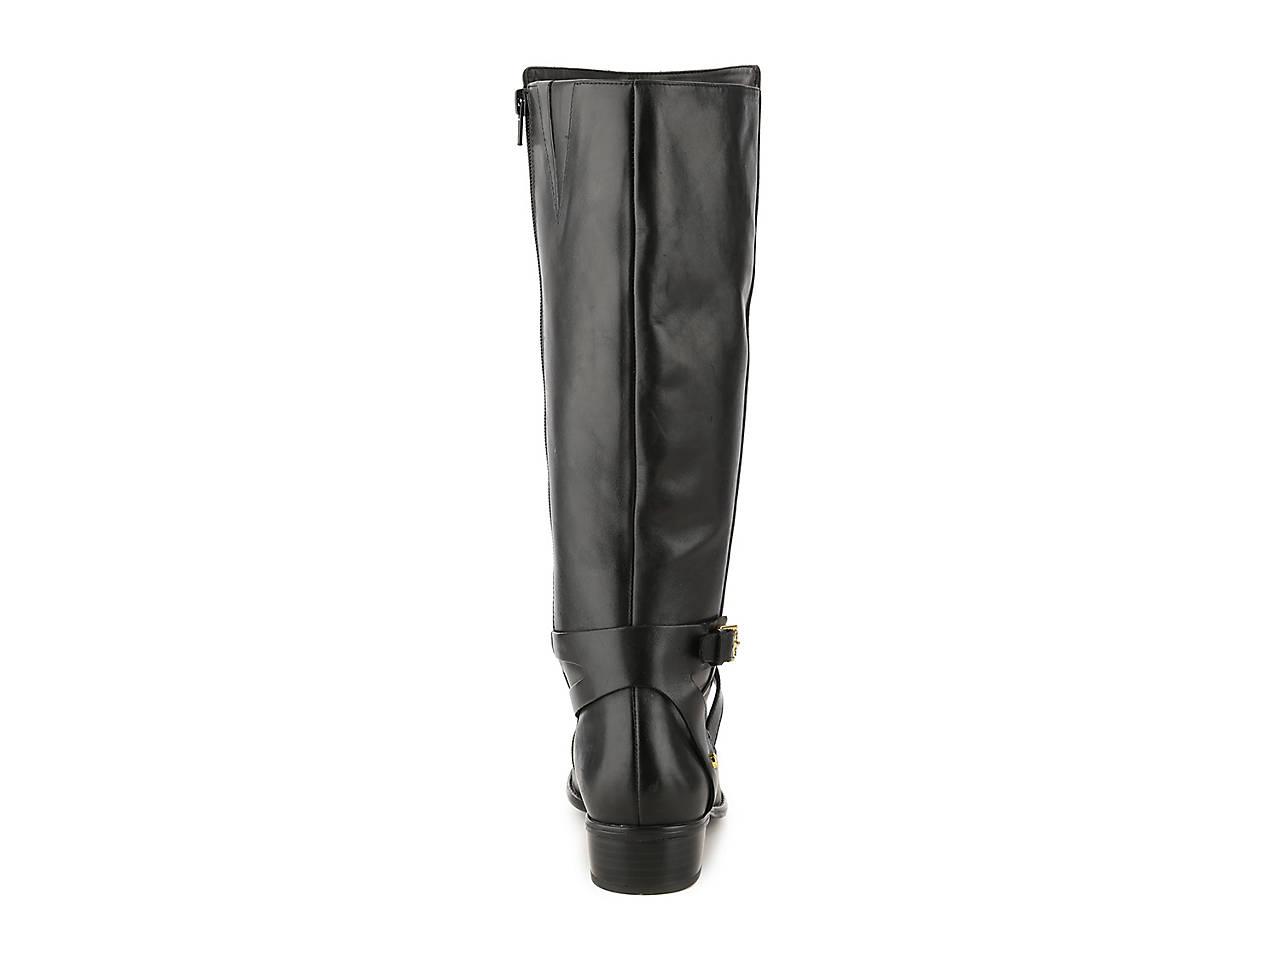 89c1de89082 Ralph Lauren Extra Wide Calf Boots - Cairns Local Marketing